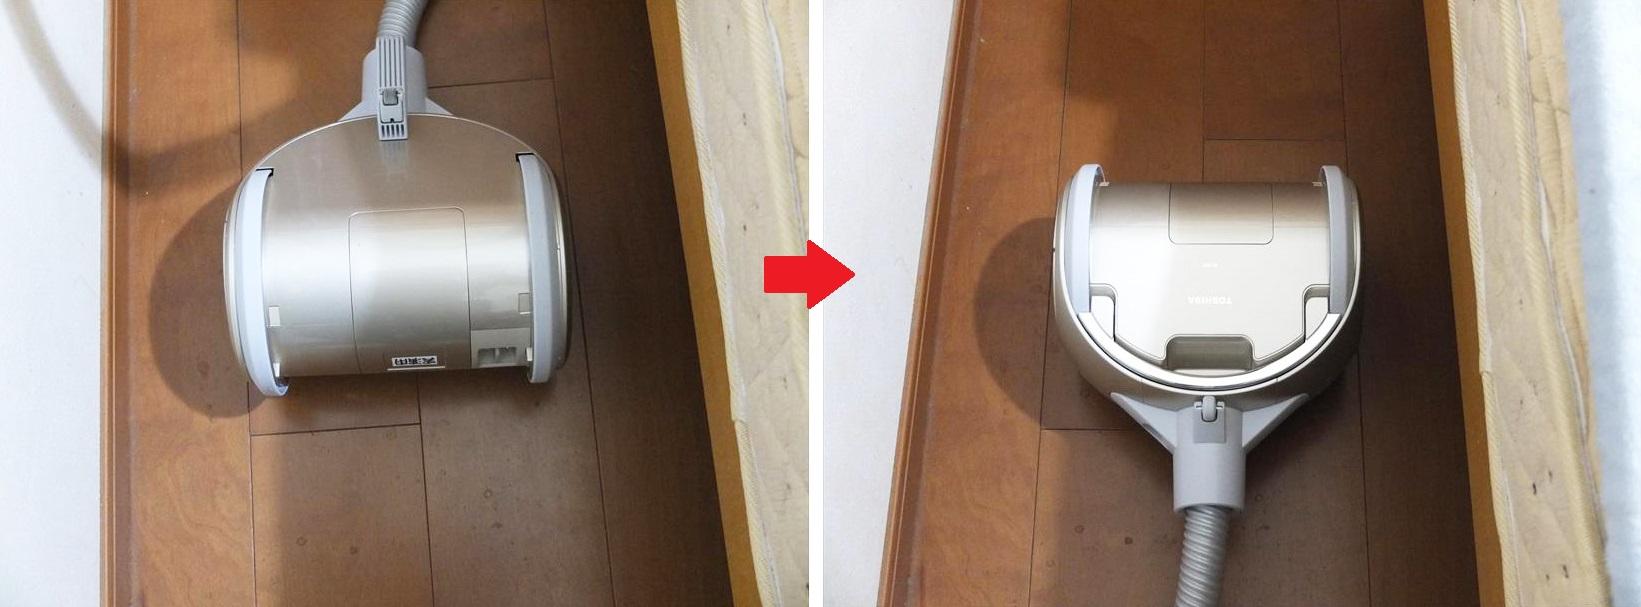 ↑ホースを持ち上げると、大型車輪の回転軸に沿って本体がぐるっと反転。そのまま逆方向に掃除を続けることができます。本体先端の補助輪も両側に付いています。